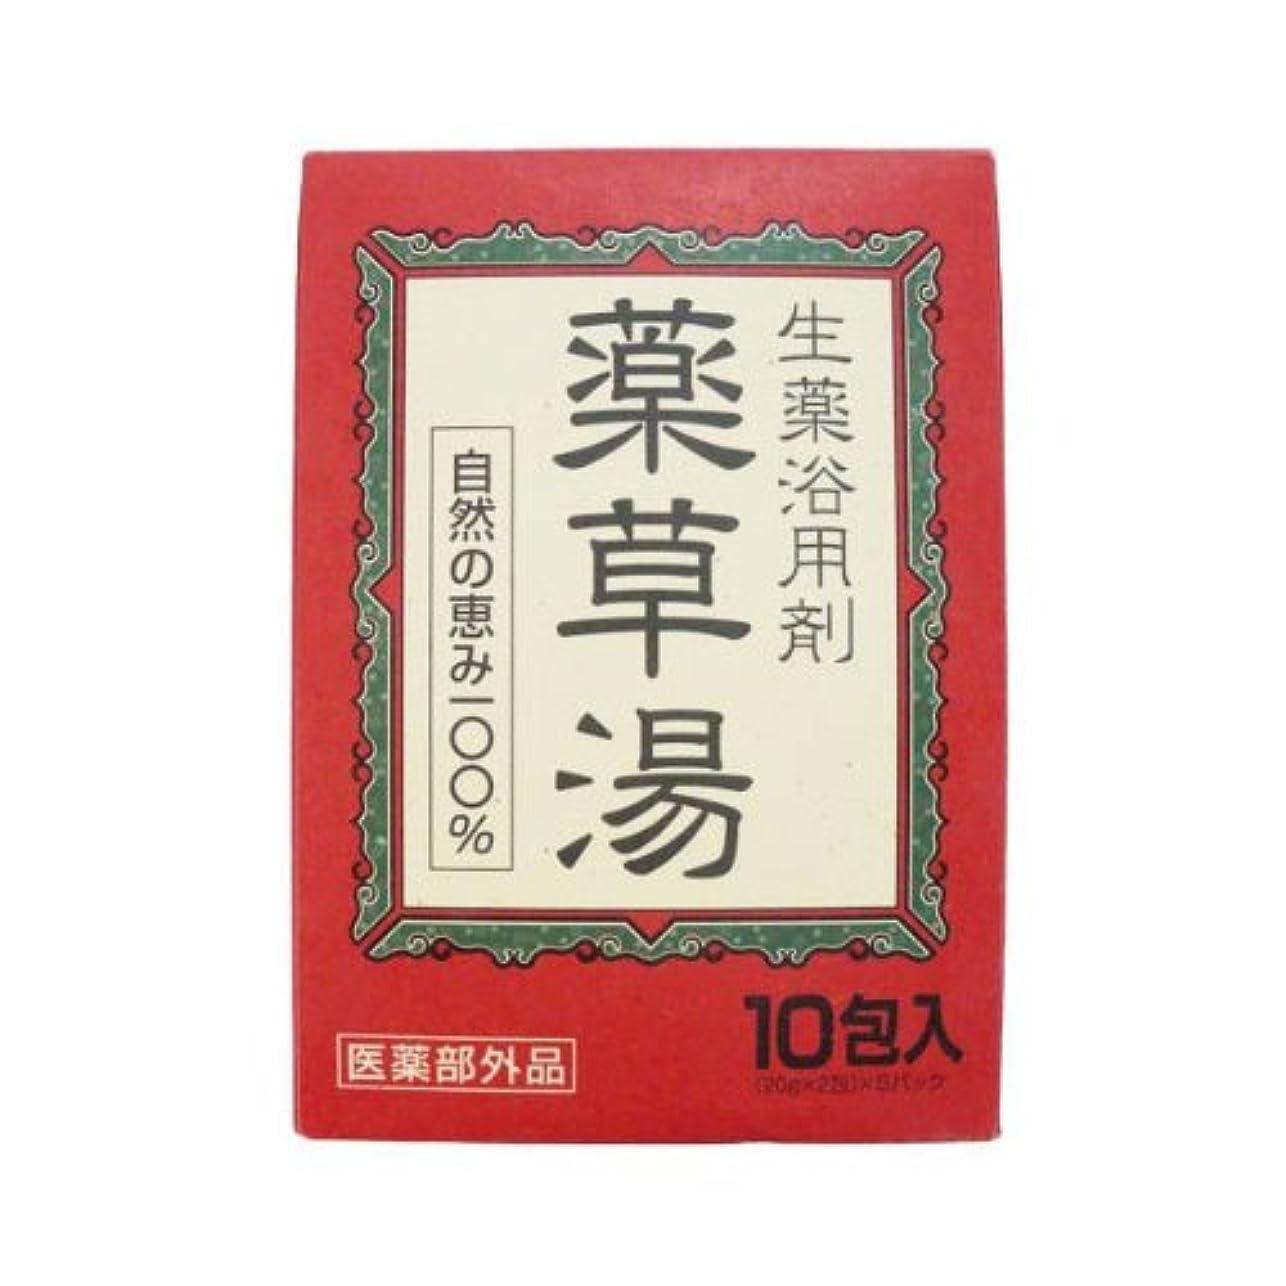 有毒暖かくくちばしVVN生薬入浴剤薬草湯10包×(20セット)